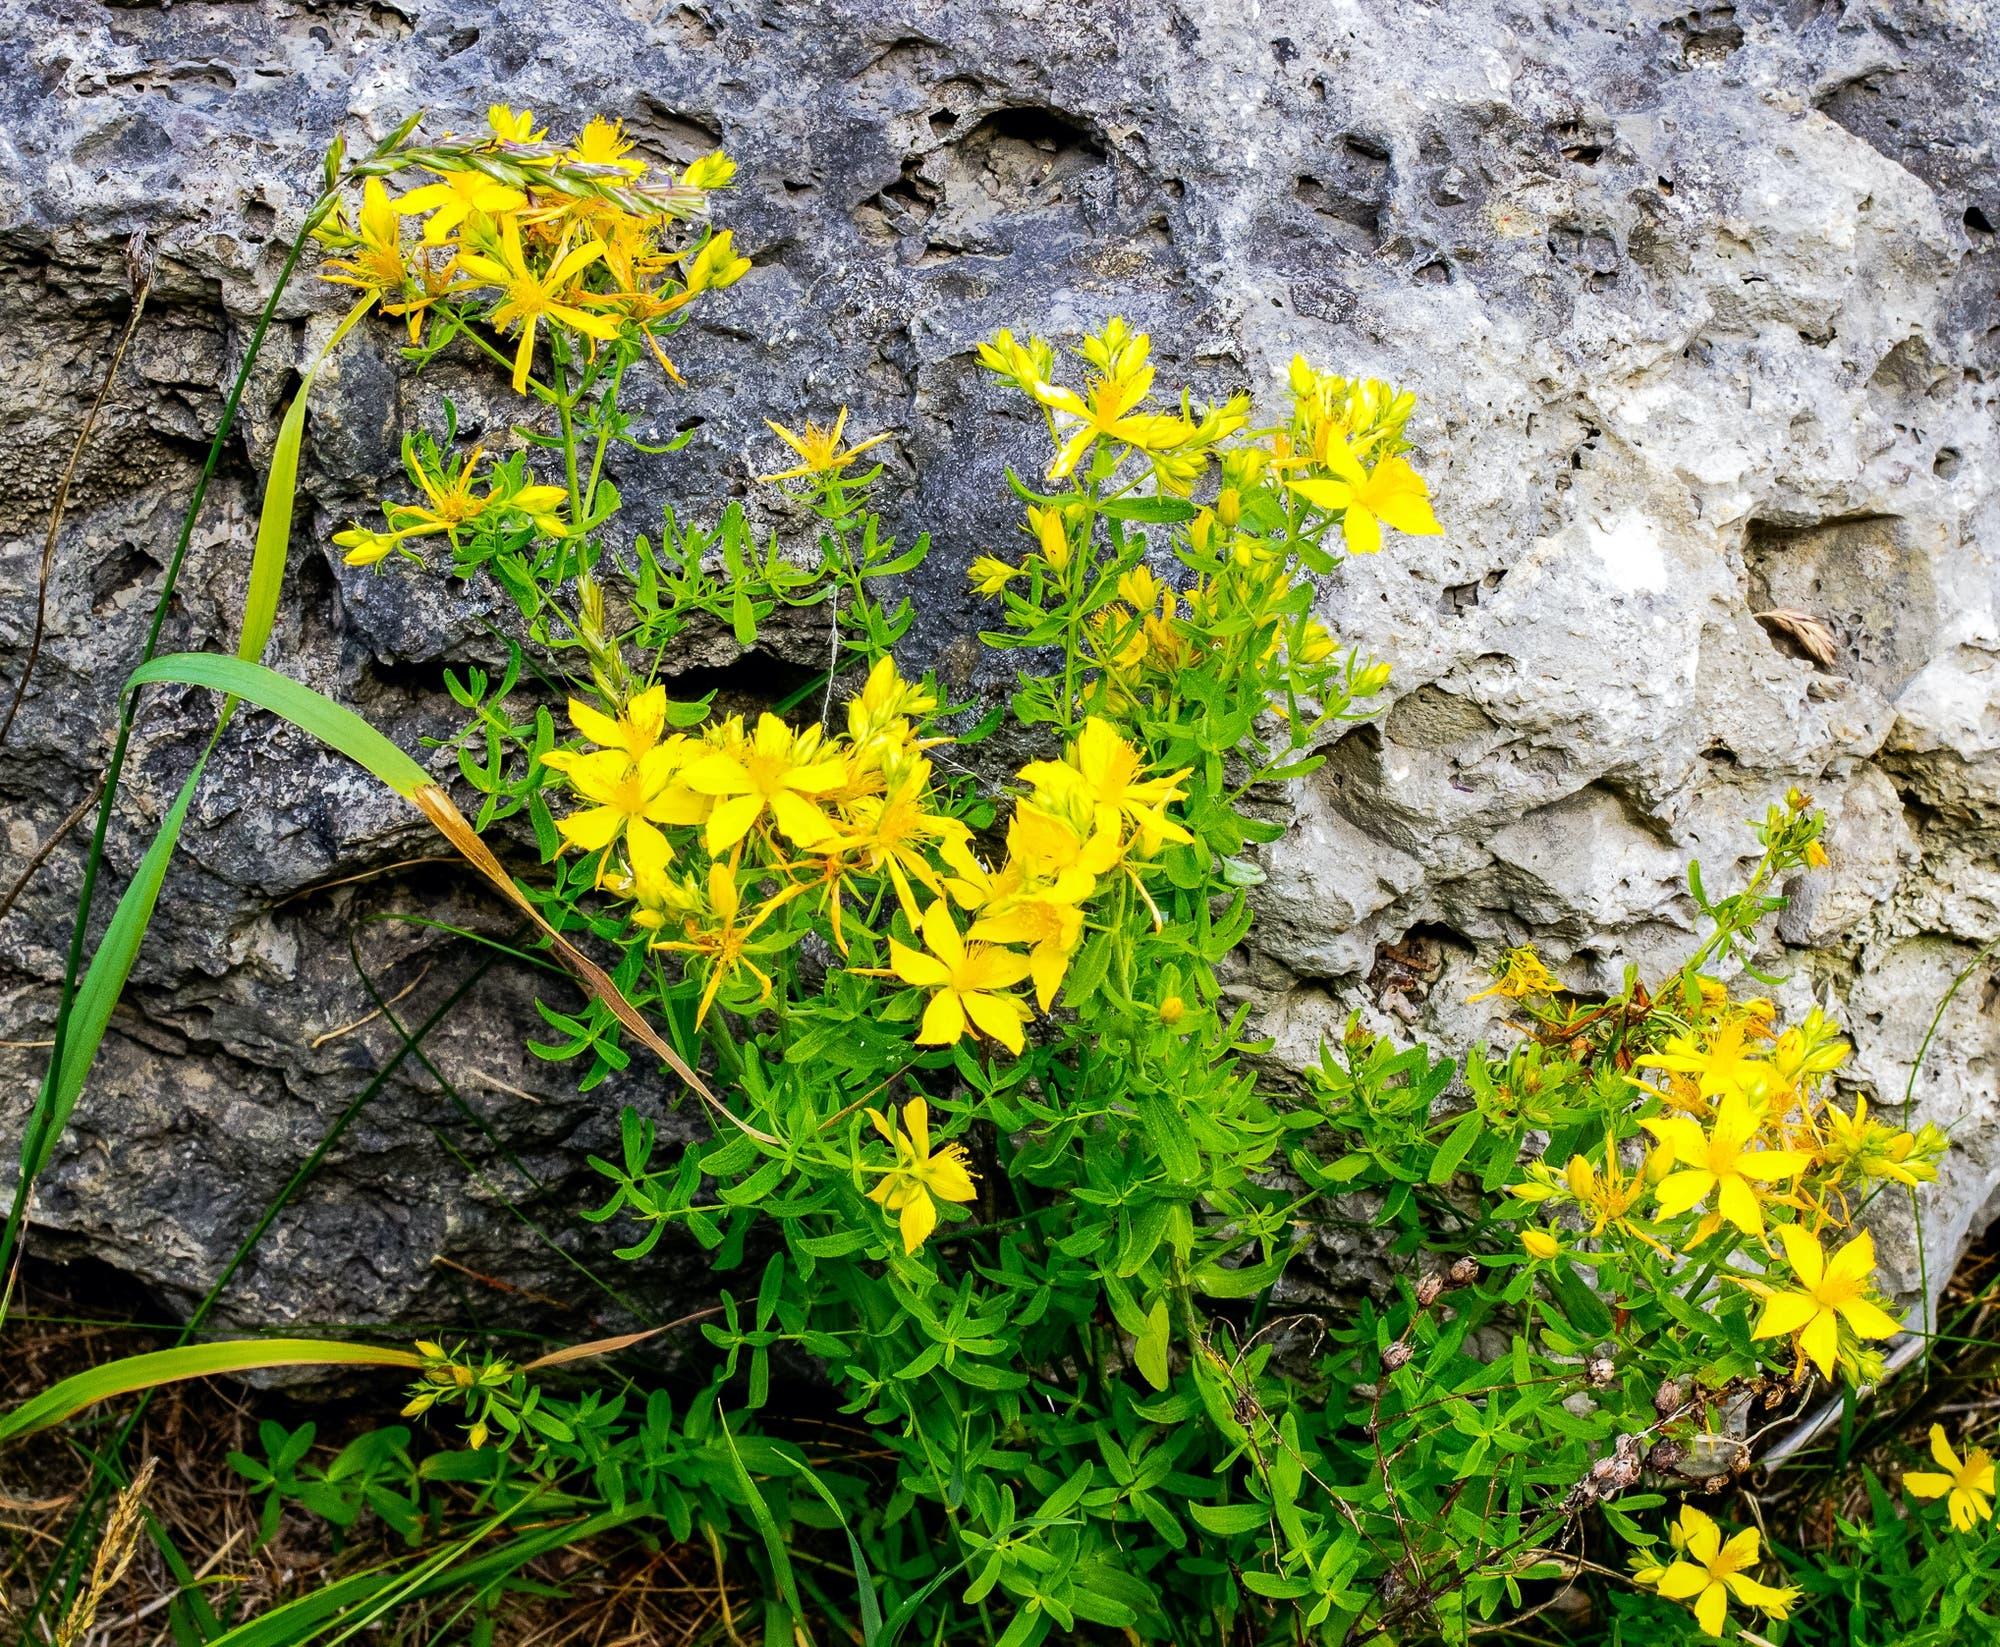 Das gelb blühende Johanniskraut in der freien Natur